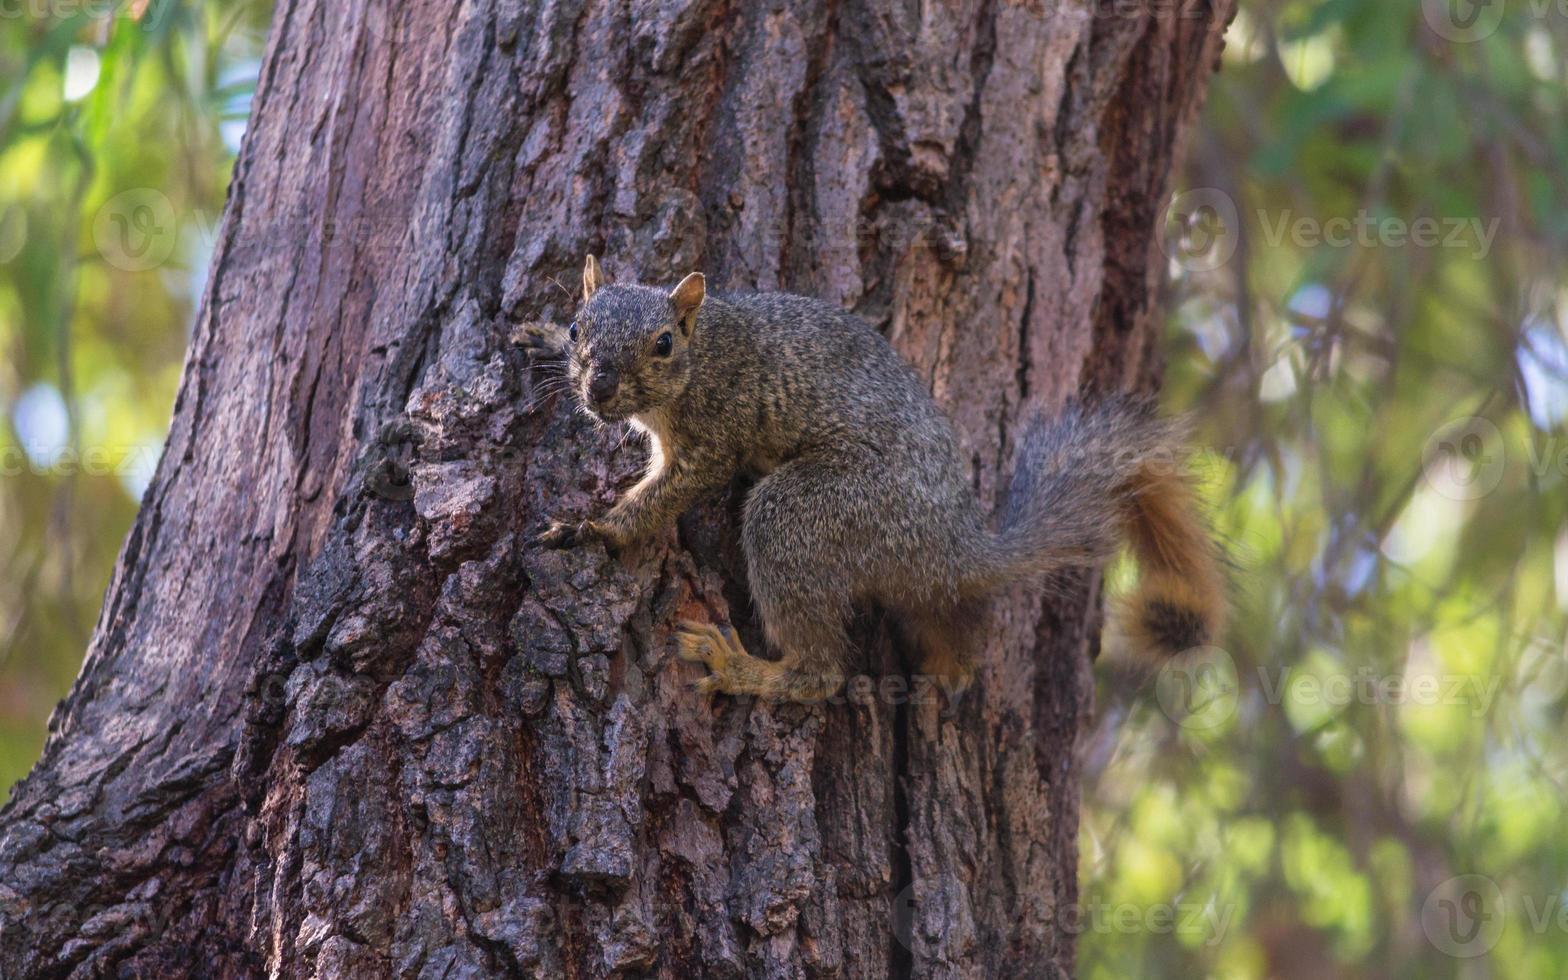 Fuchs Eichhörnchen in einem Baum foto